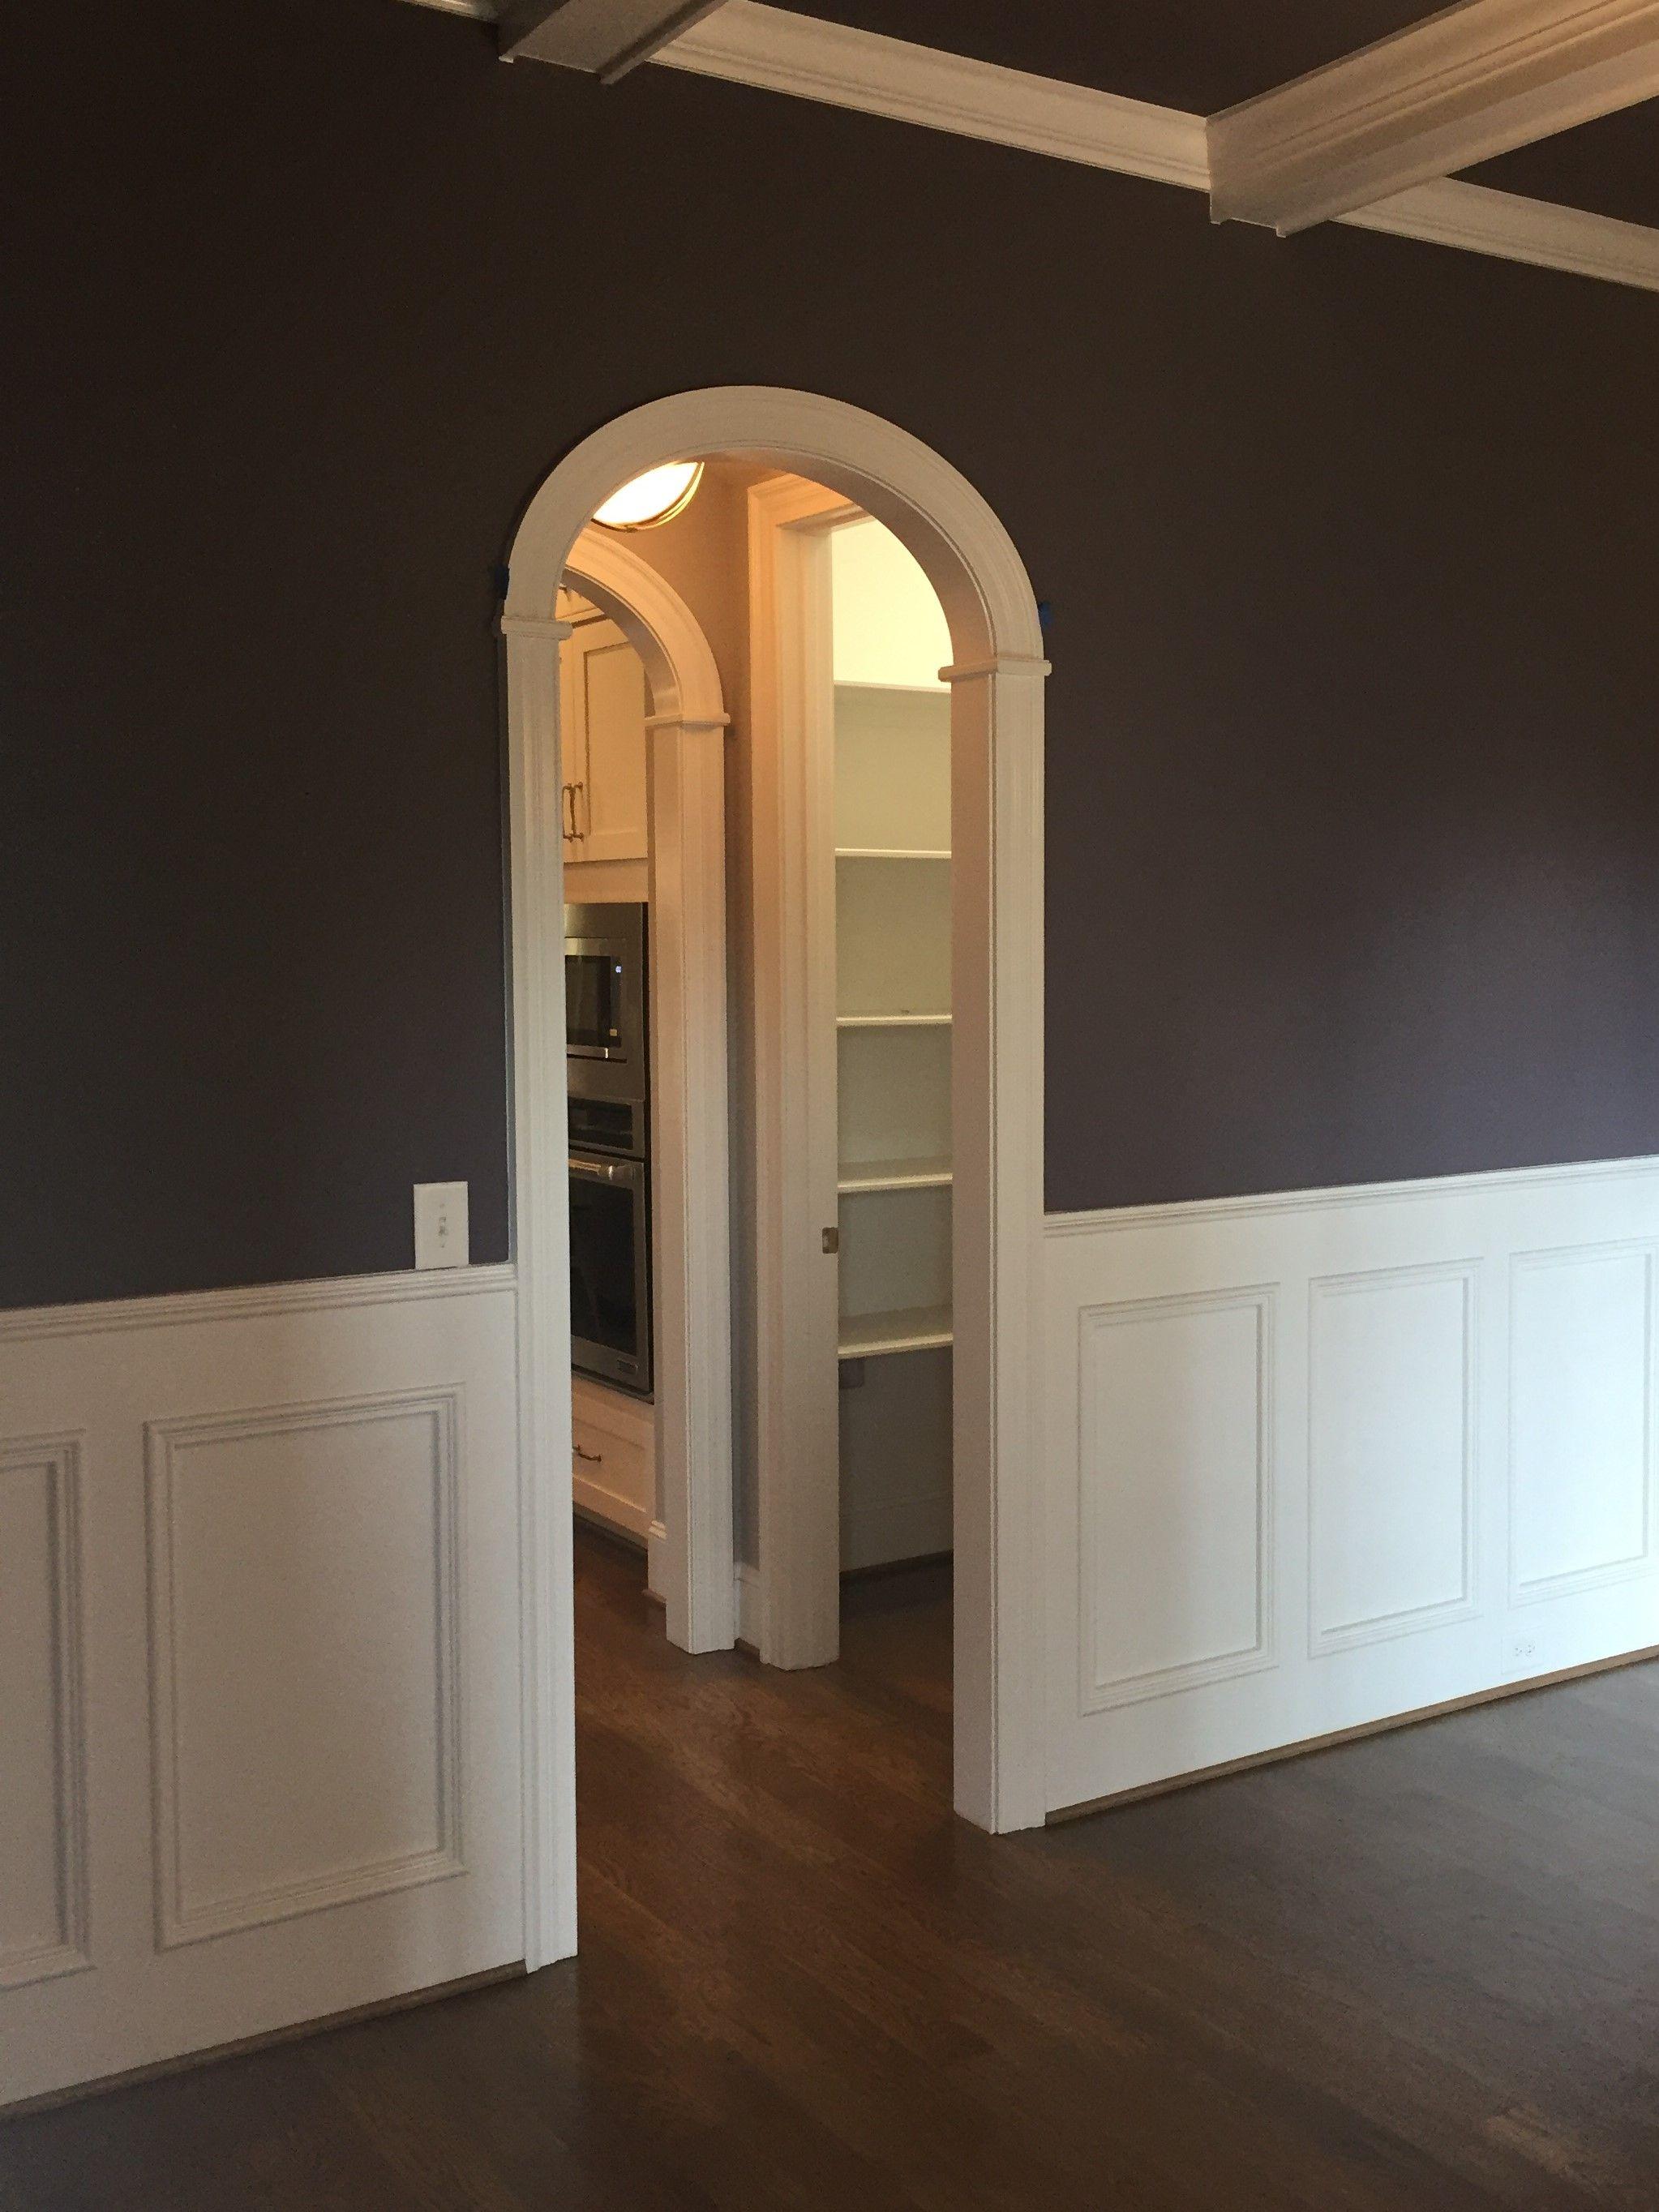 Round arch in butler pantry area Interior archways Arched Doorways